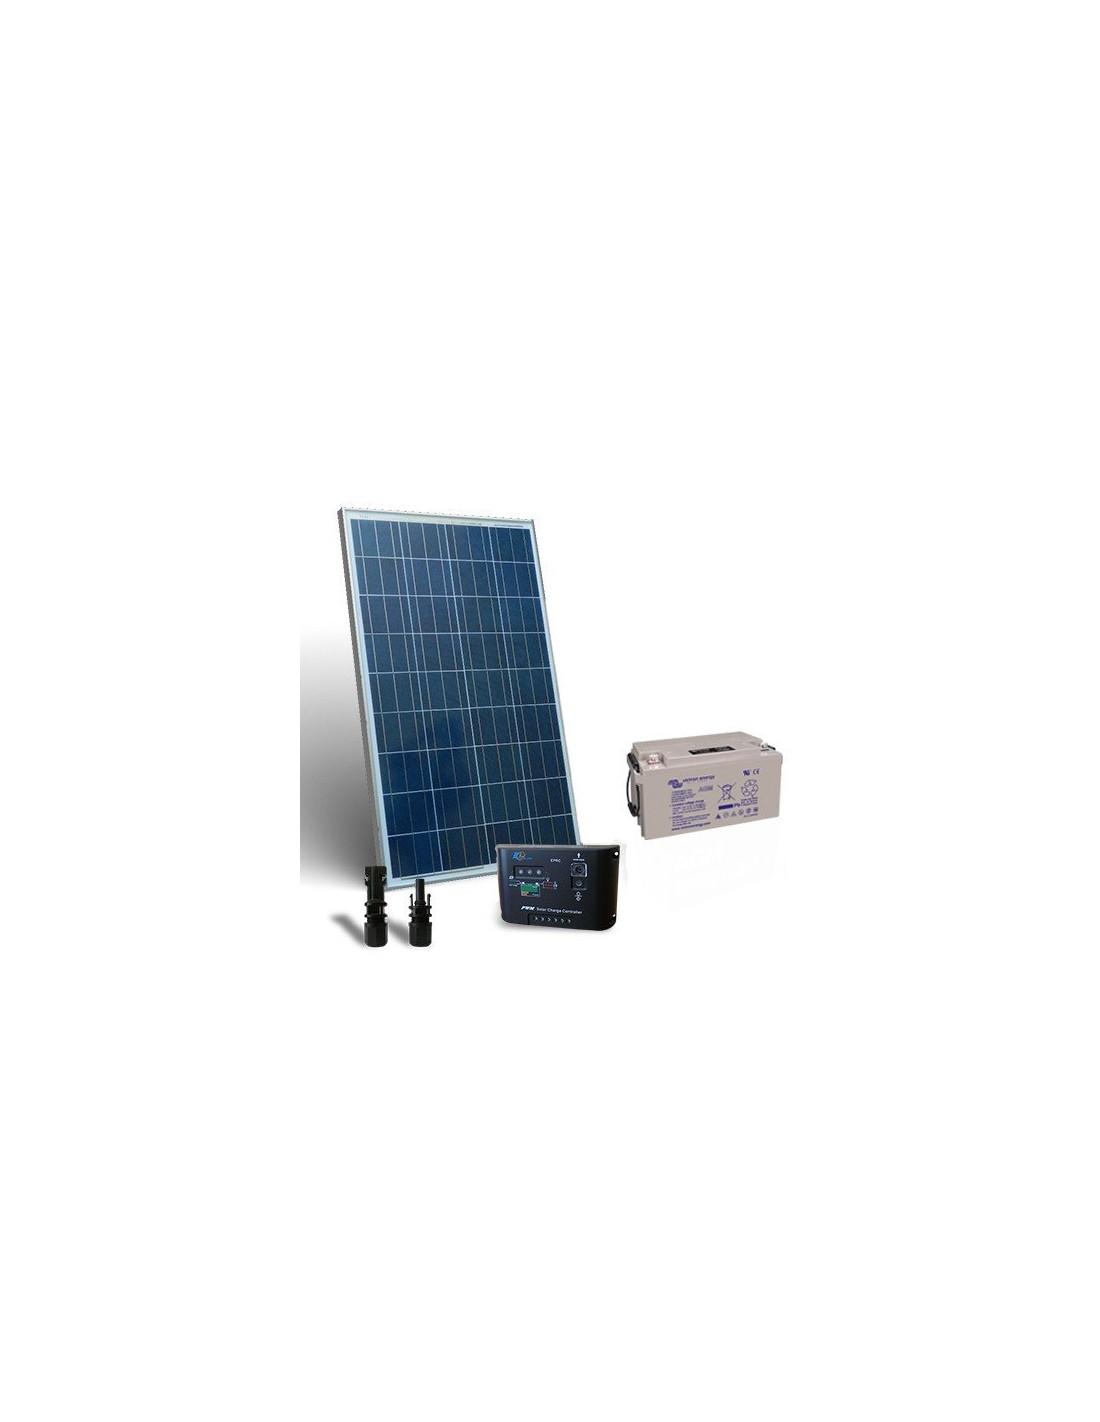 Kit Pannello Solare Fotovoltaico : Kit solare pro w v pannello fotovoltaico regolatore